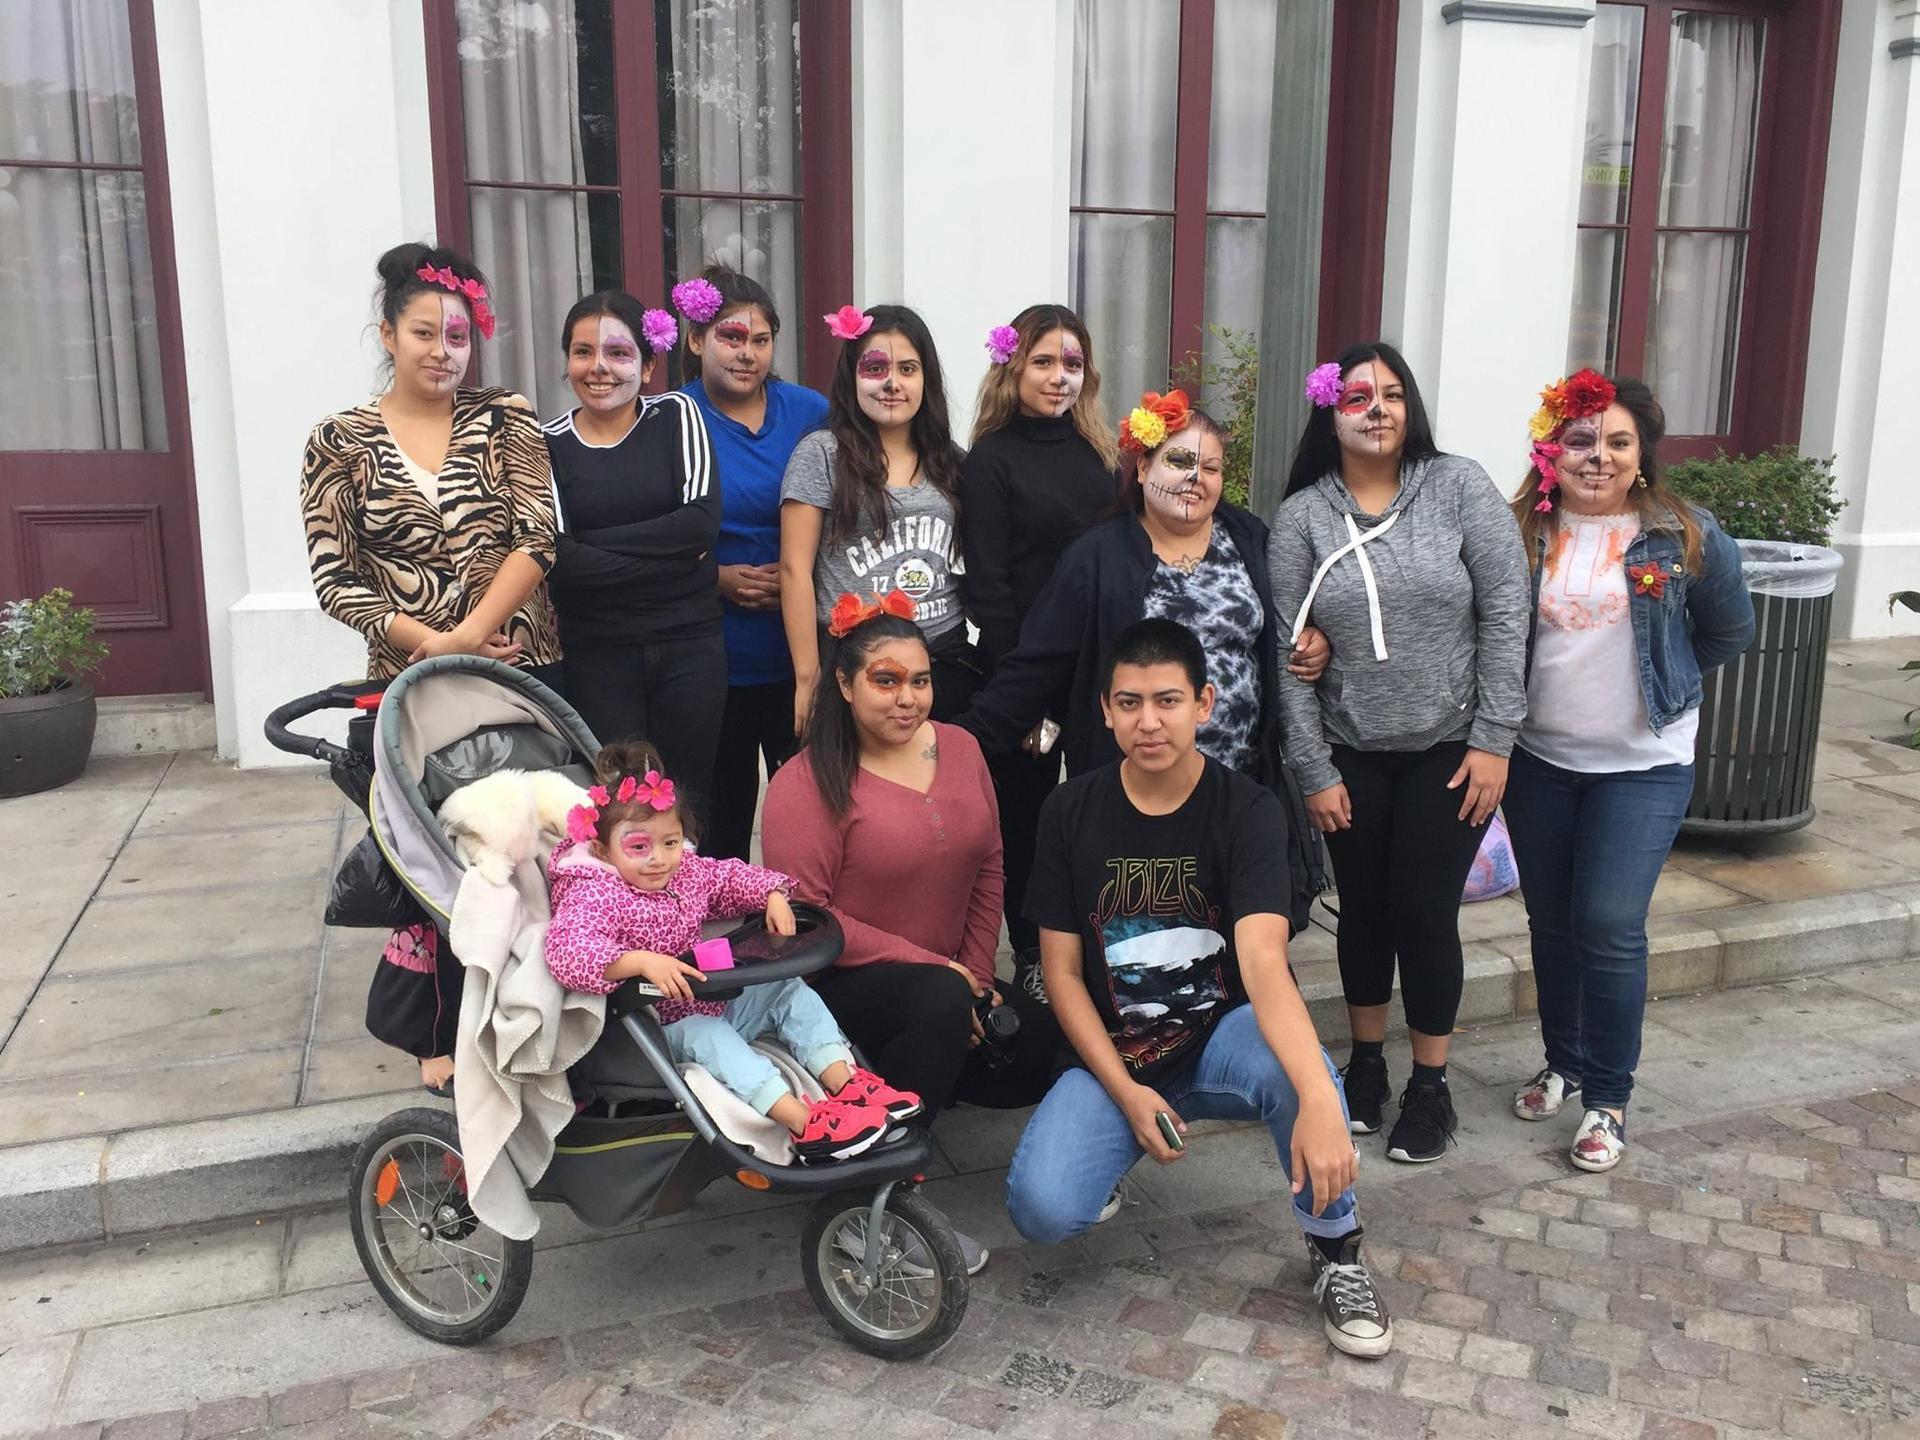 El Monte students dressed up for Dia de los Muertos